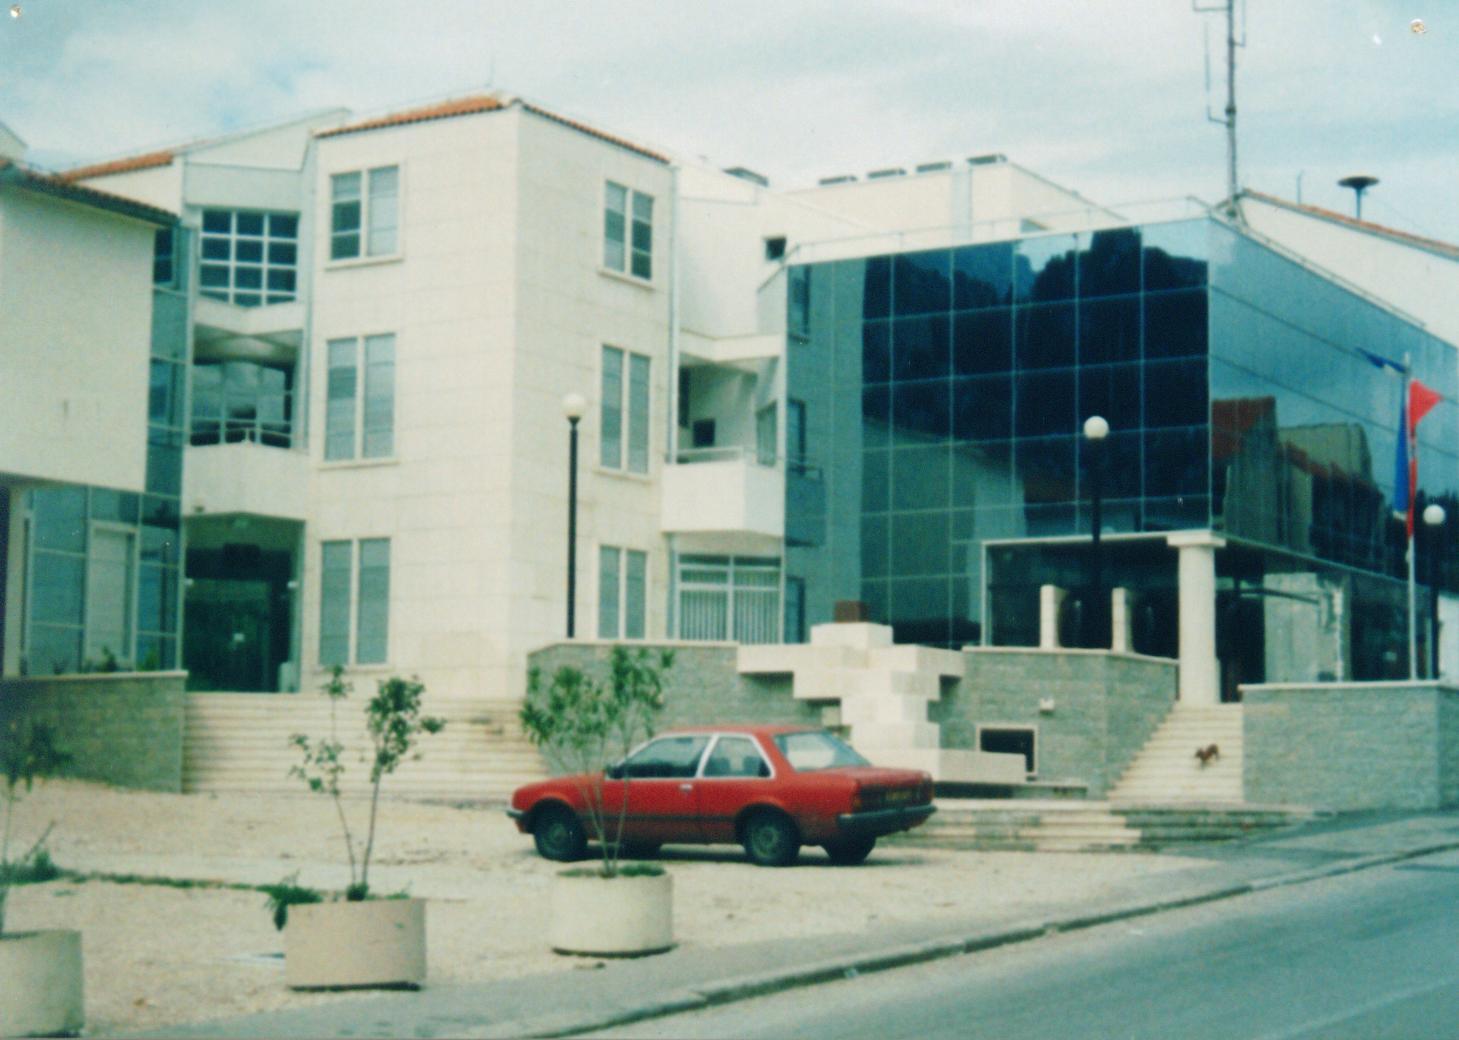 Općinski sud, Vrgorac